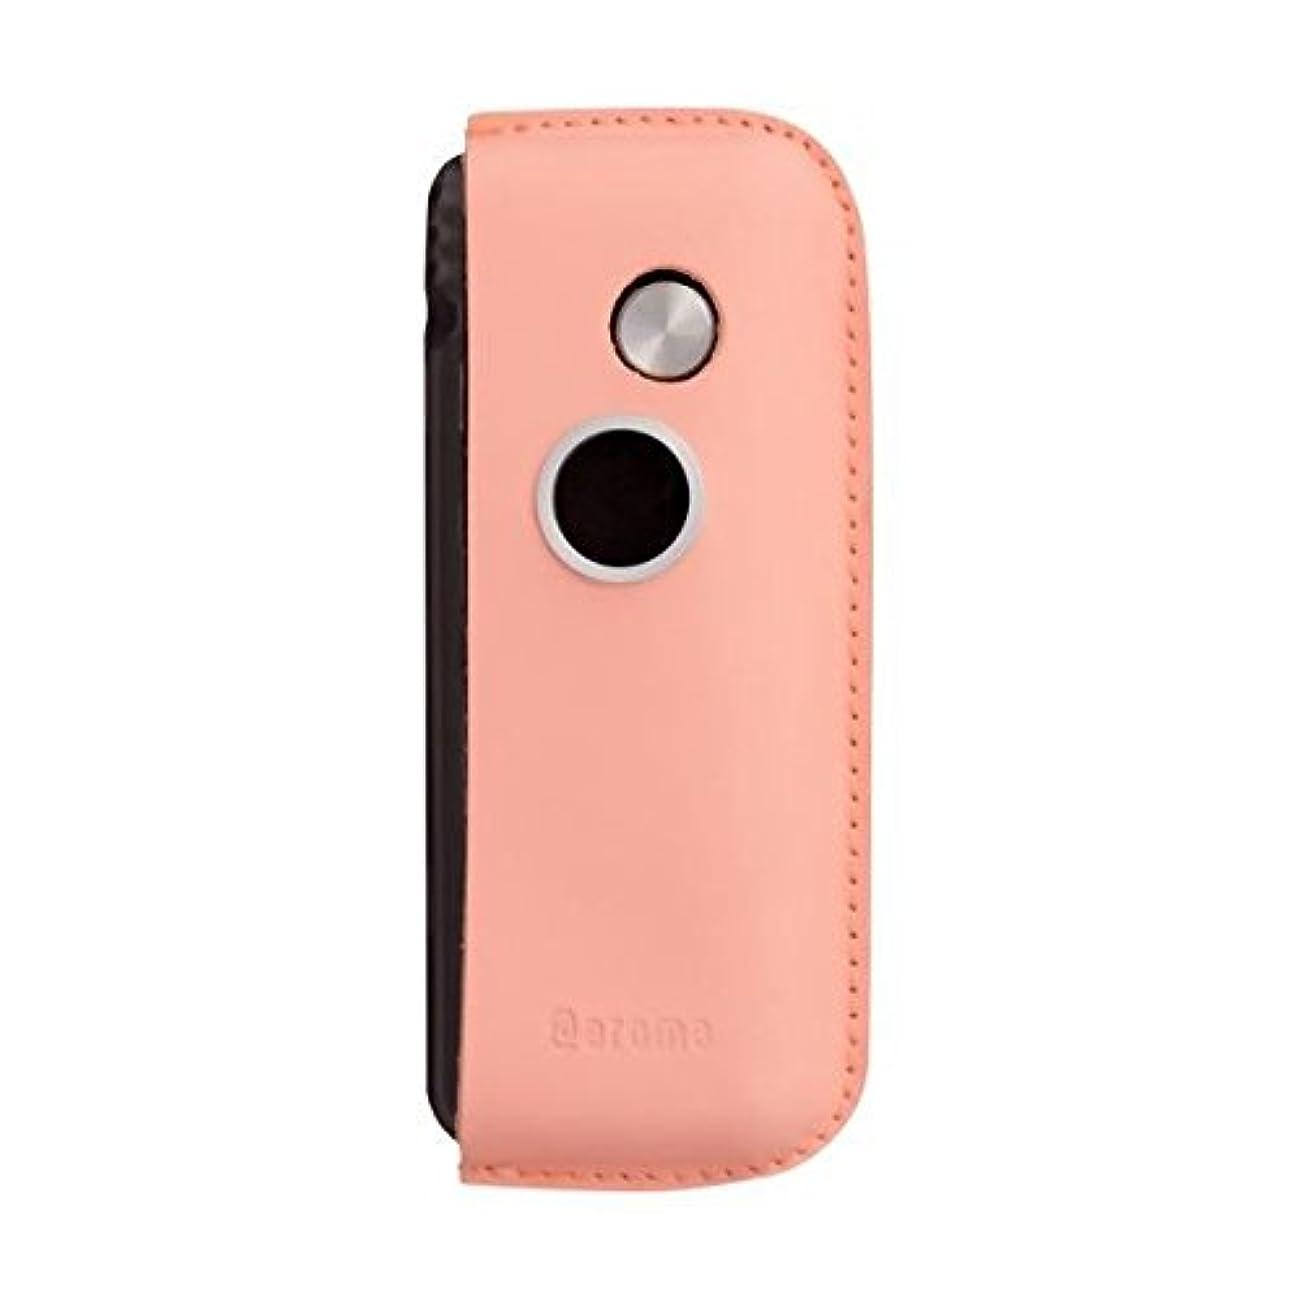 に対応するカバーダイアクリティカルファンファン(ピンク)&人気のアロマset【モバイルディフューザー funfan+AromaOil】mobile diffuser (フレッシュフルーツ)